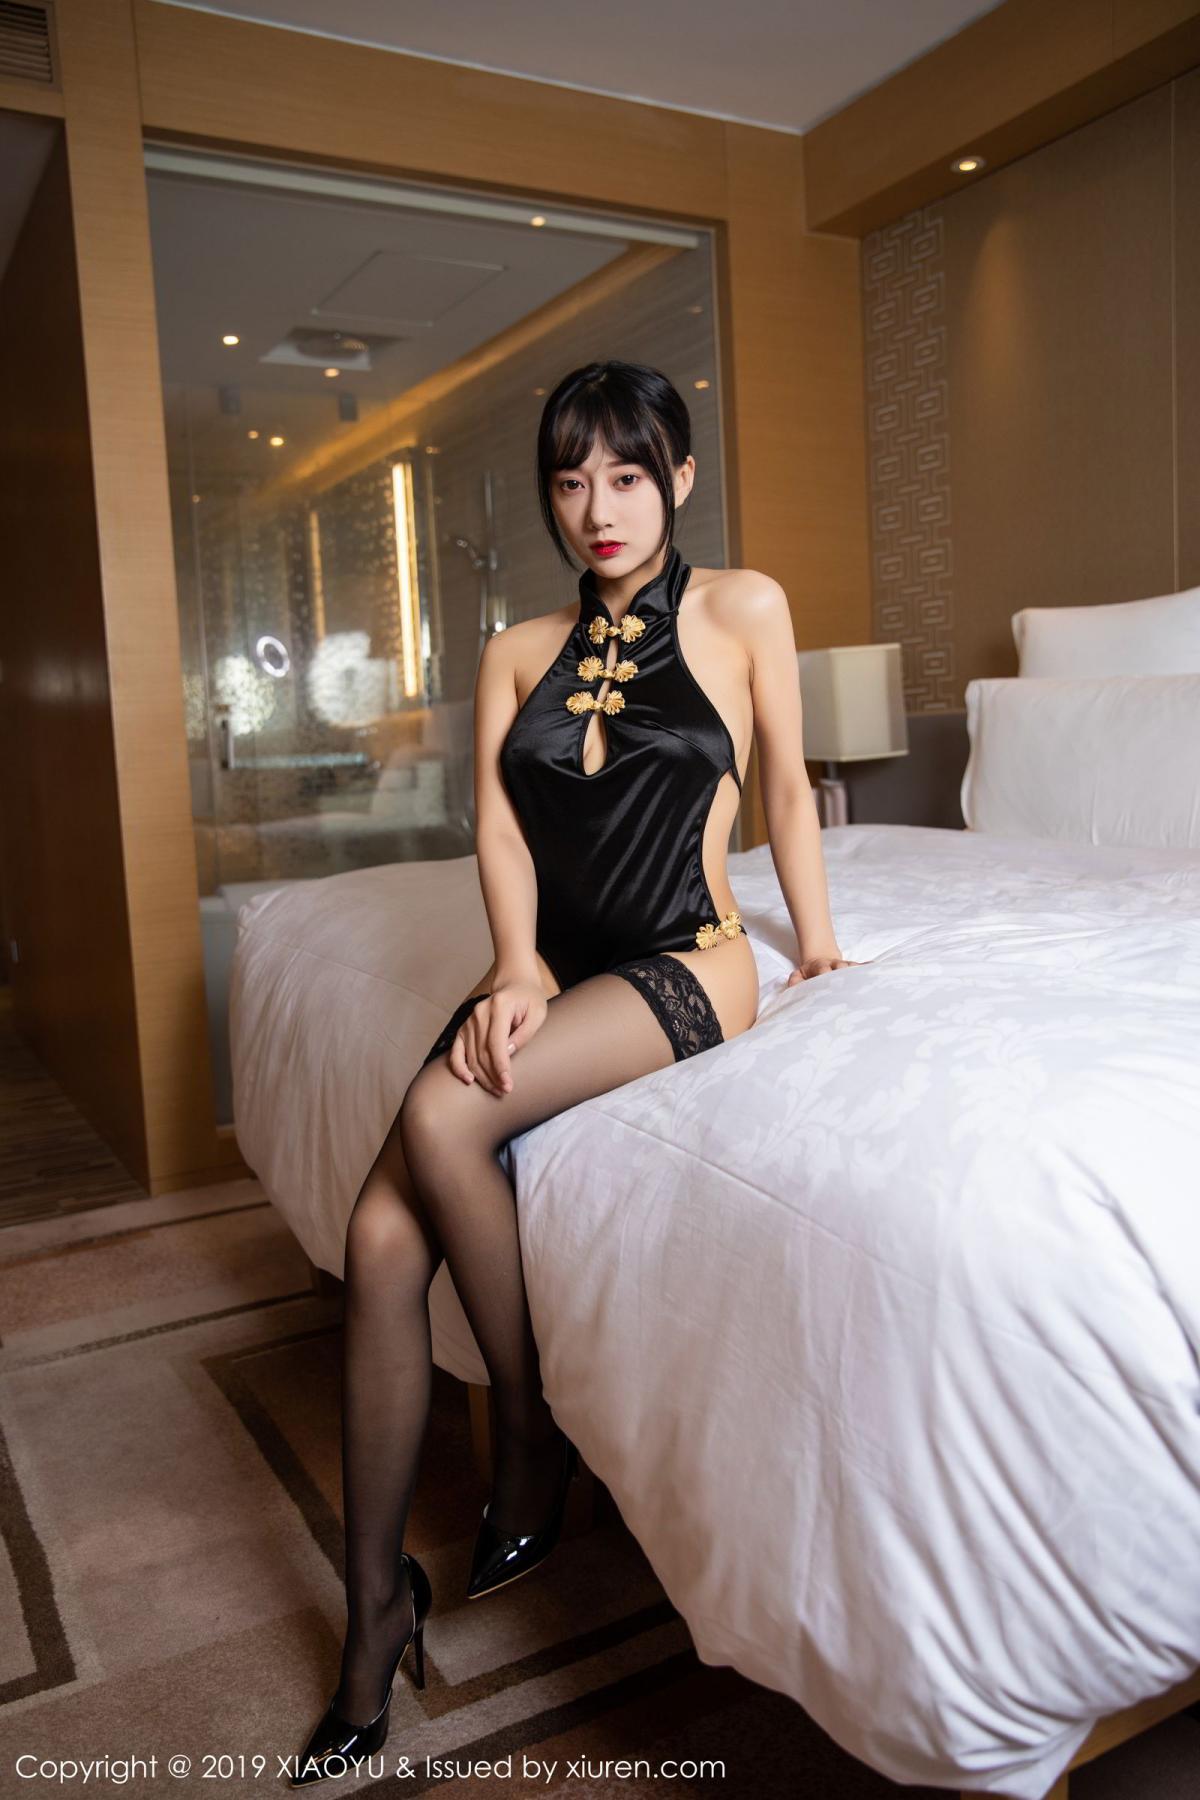 [XiaoYu] Vol.170 He Jia Ying 2P, He Jia Ying, Tall, XiaoYu